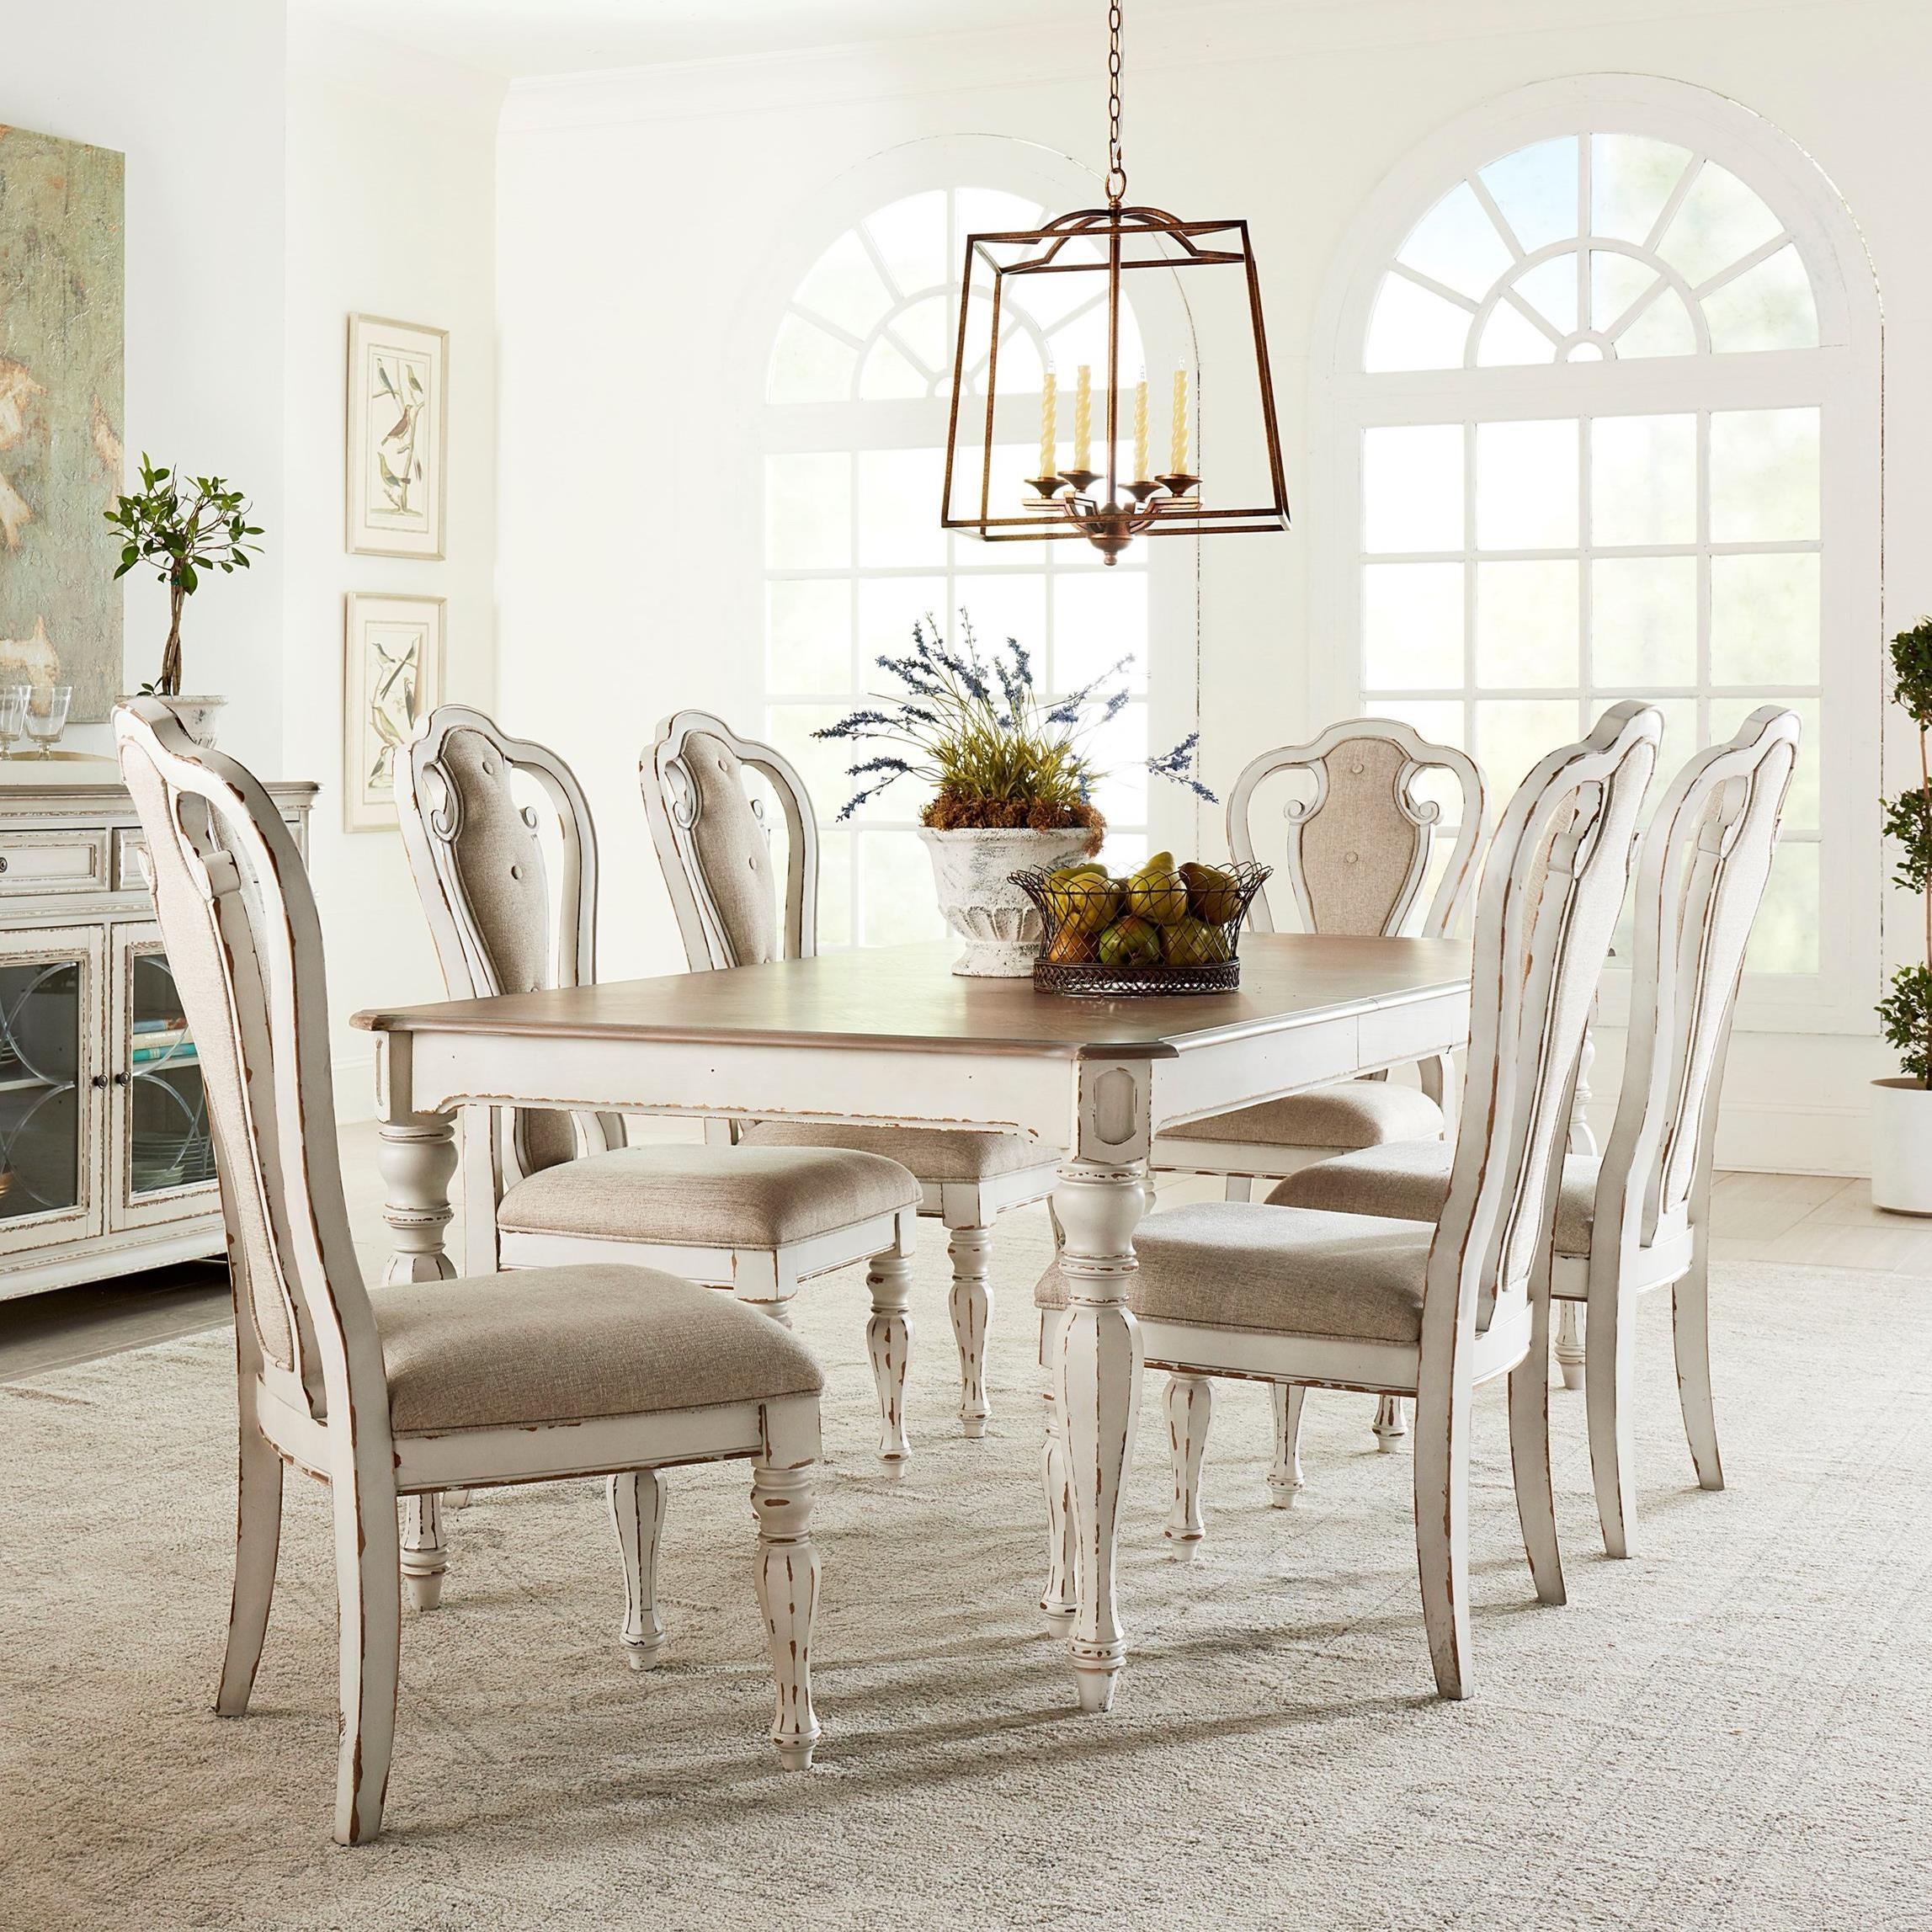 Standard Furniture Dining Room Sets: Standard Furniture Stevenson Manor Dining Room Set With